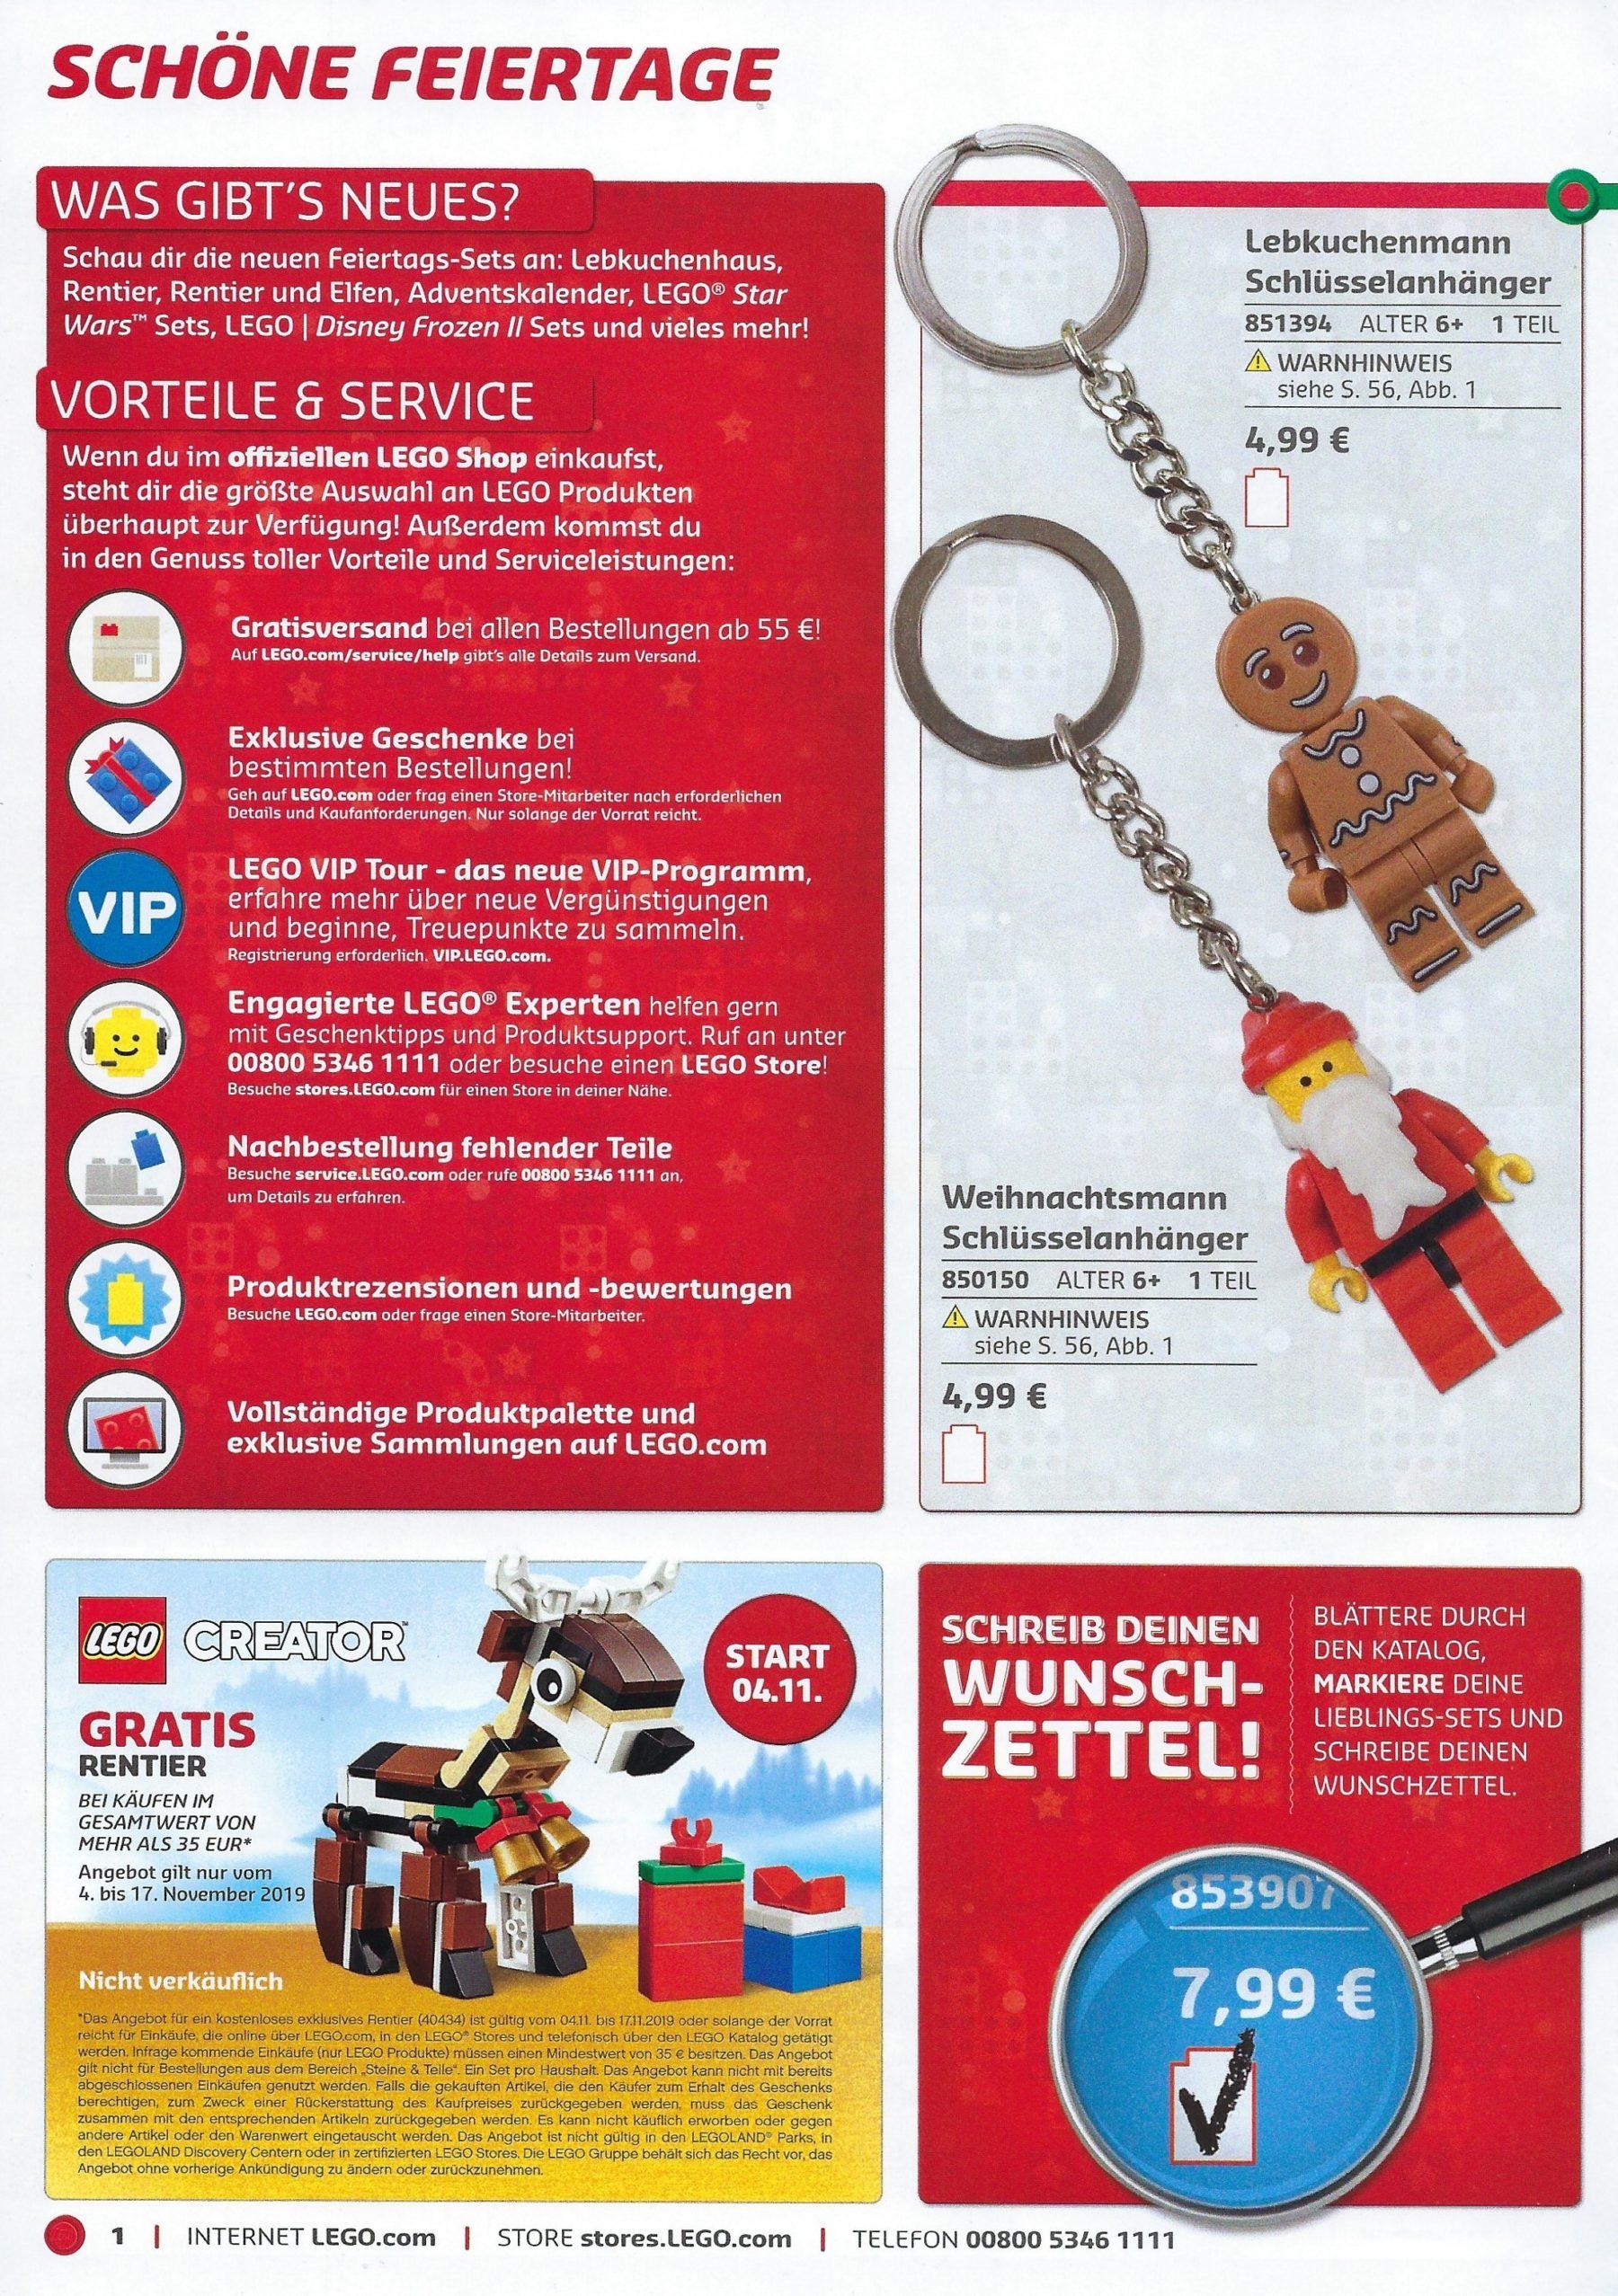 Lego Katalog Anfordern